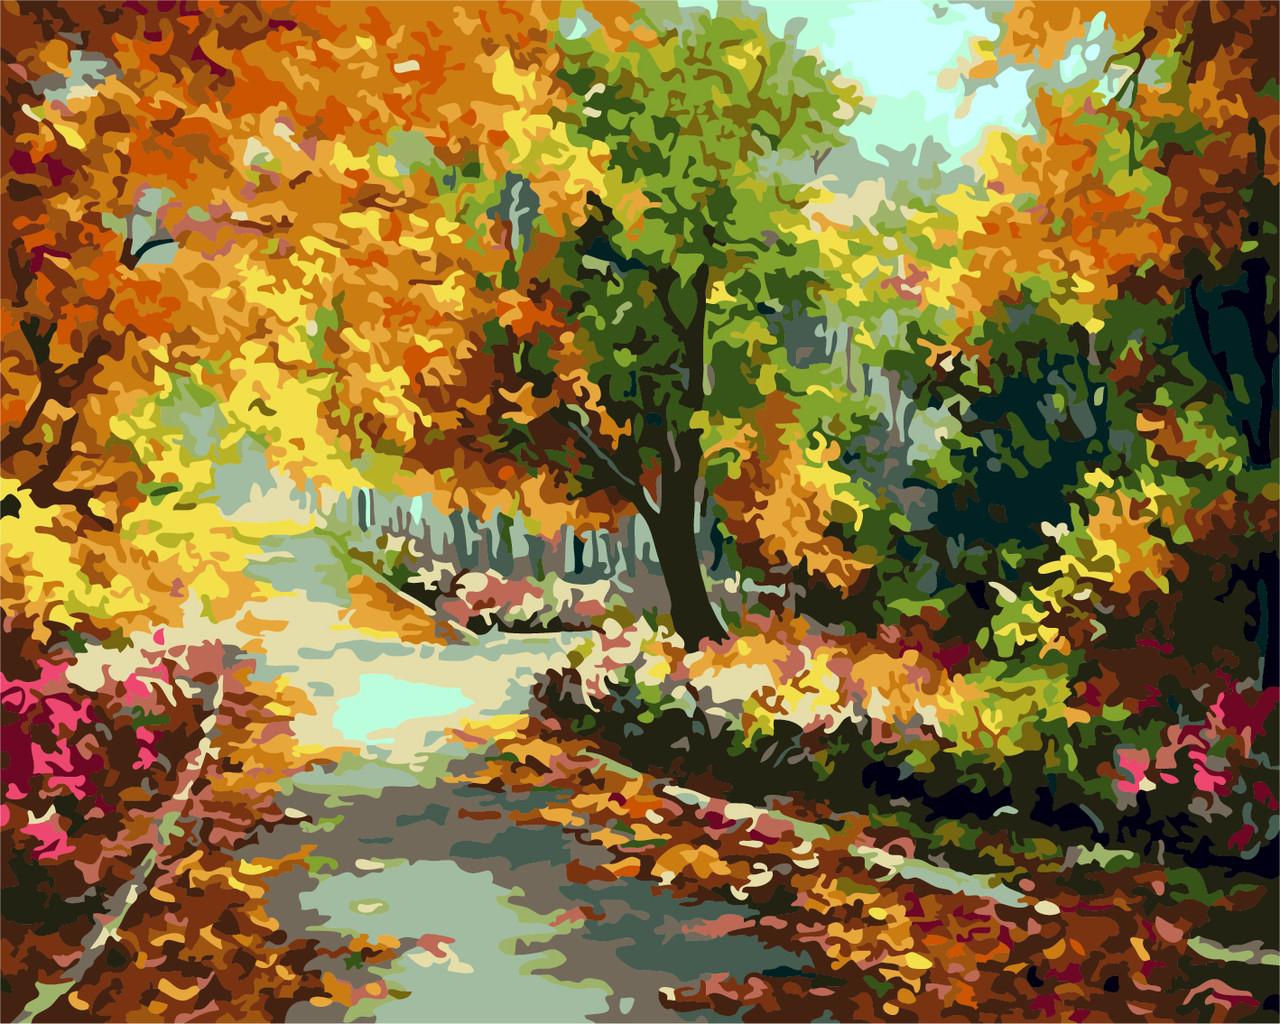 Картина по номерам Осенний парк, 40x50 см., Art Story